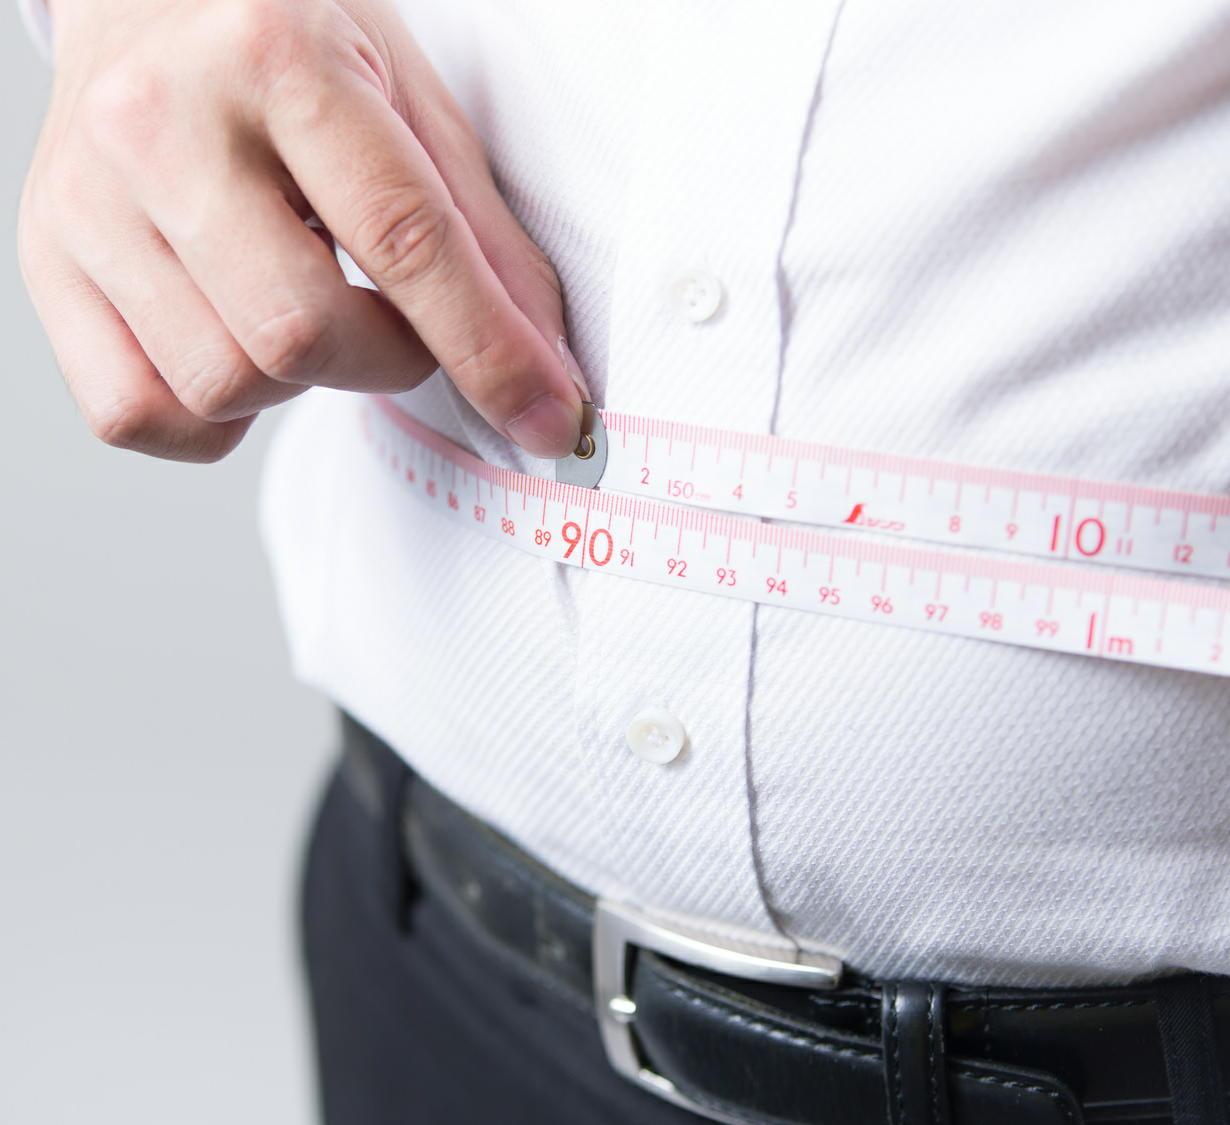 特定保健指導の効果を「ビッグデータ」で検証 3年後にメタボが31%減少